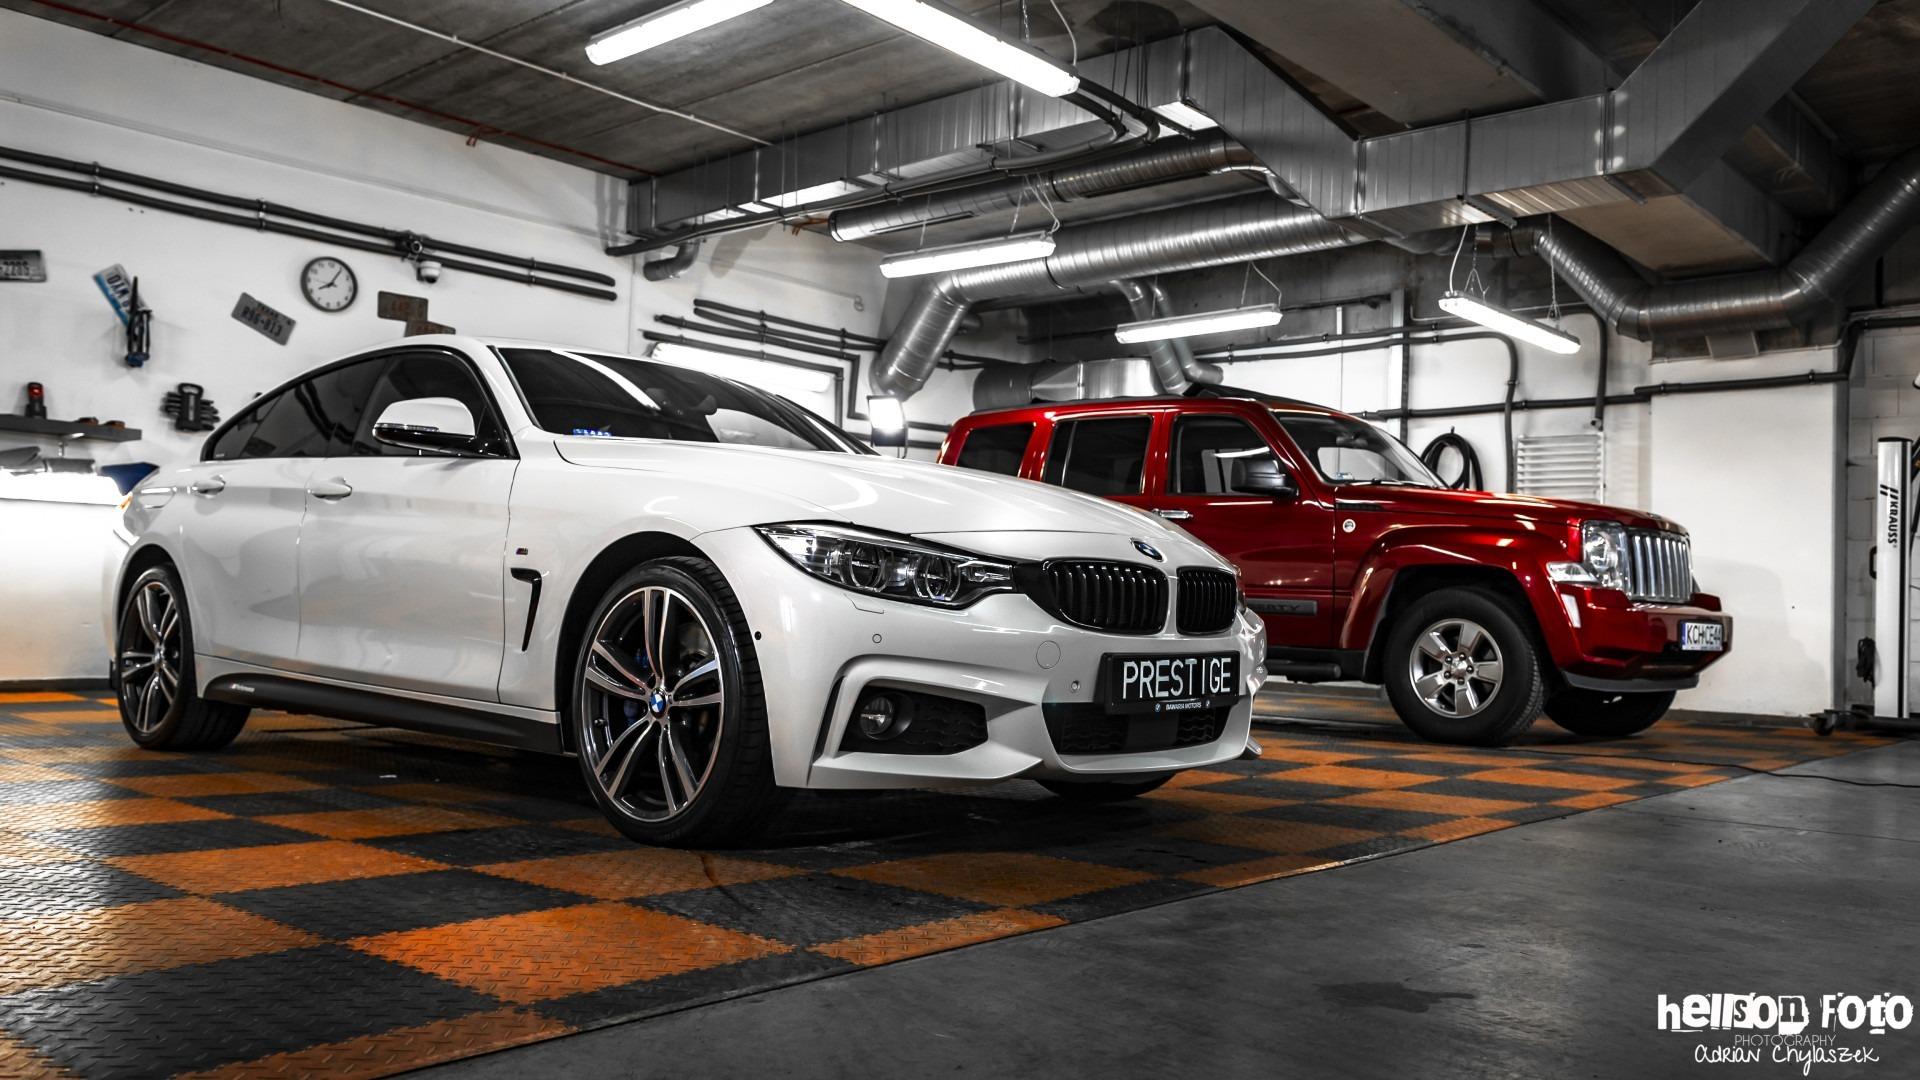 Białe BMW serii 4 garaż